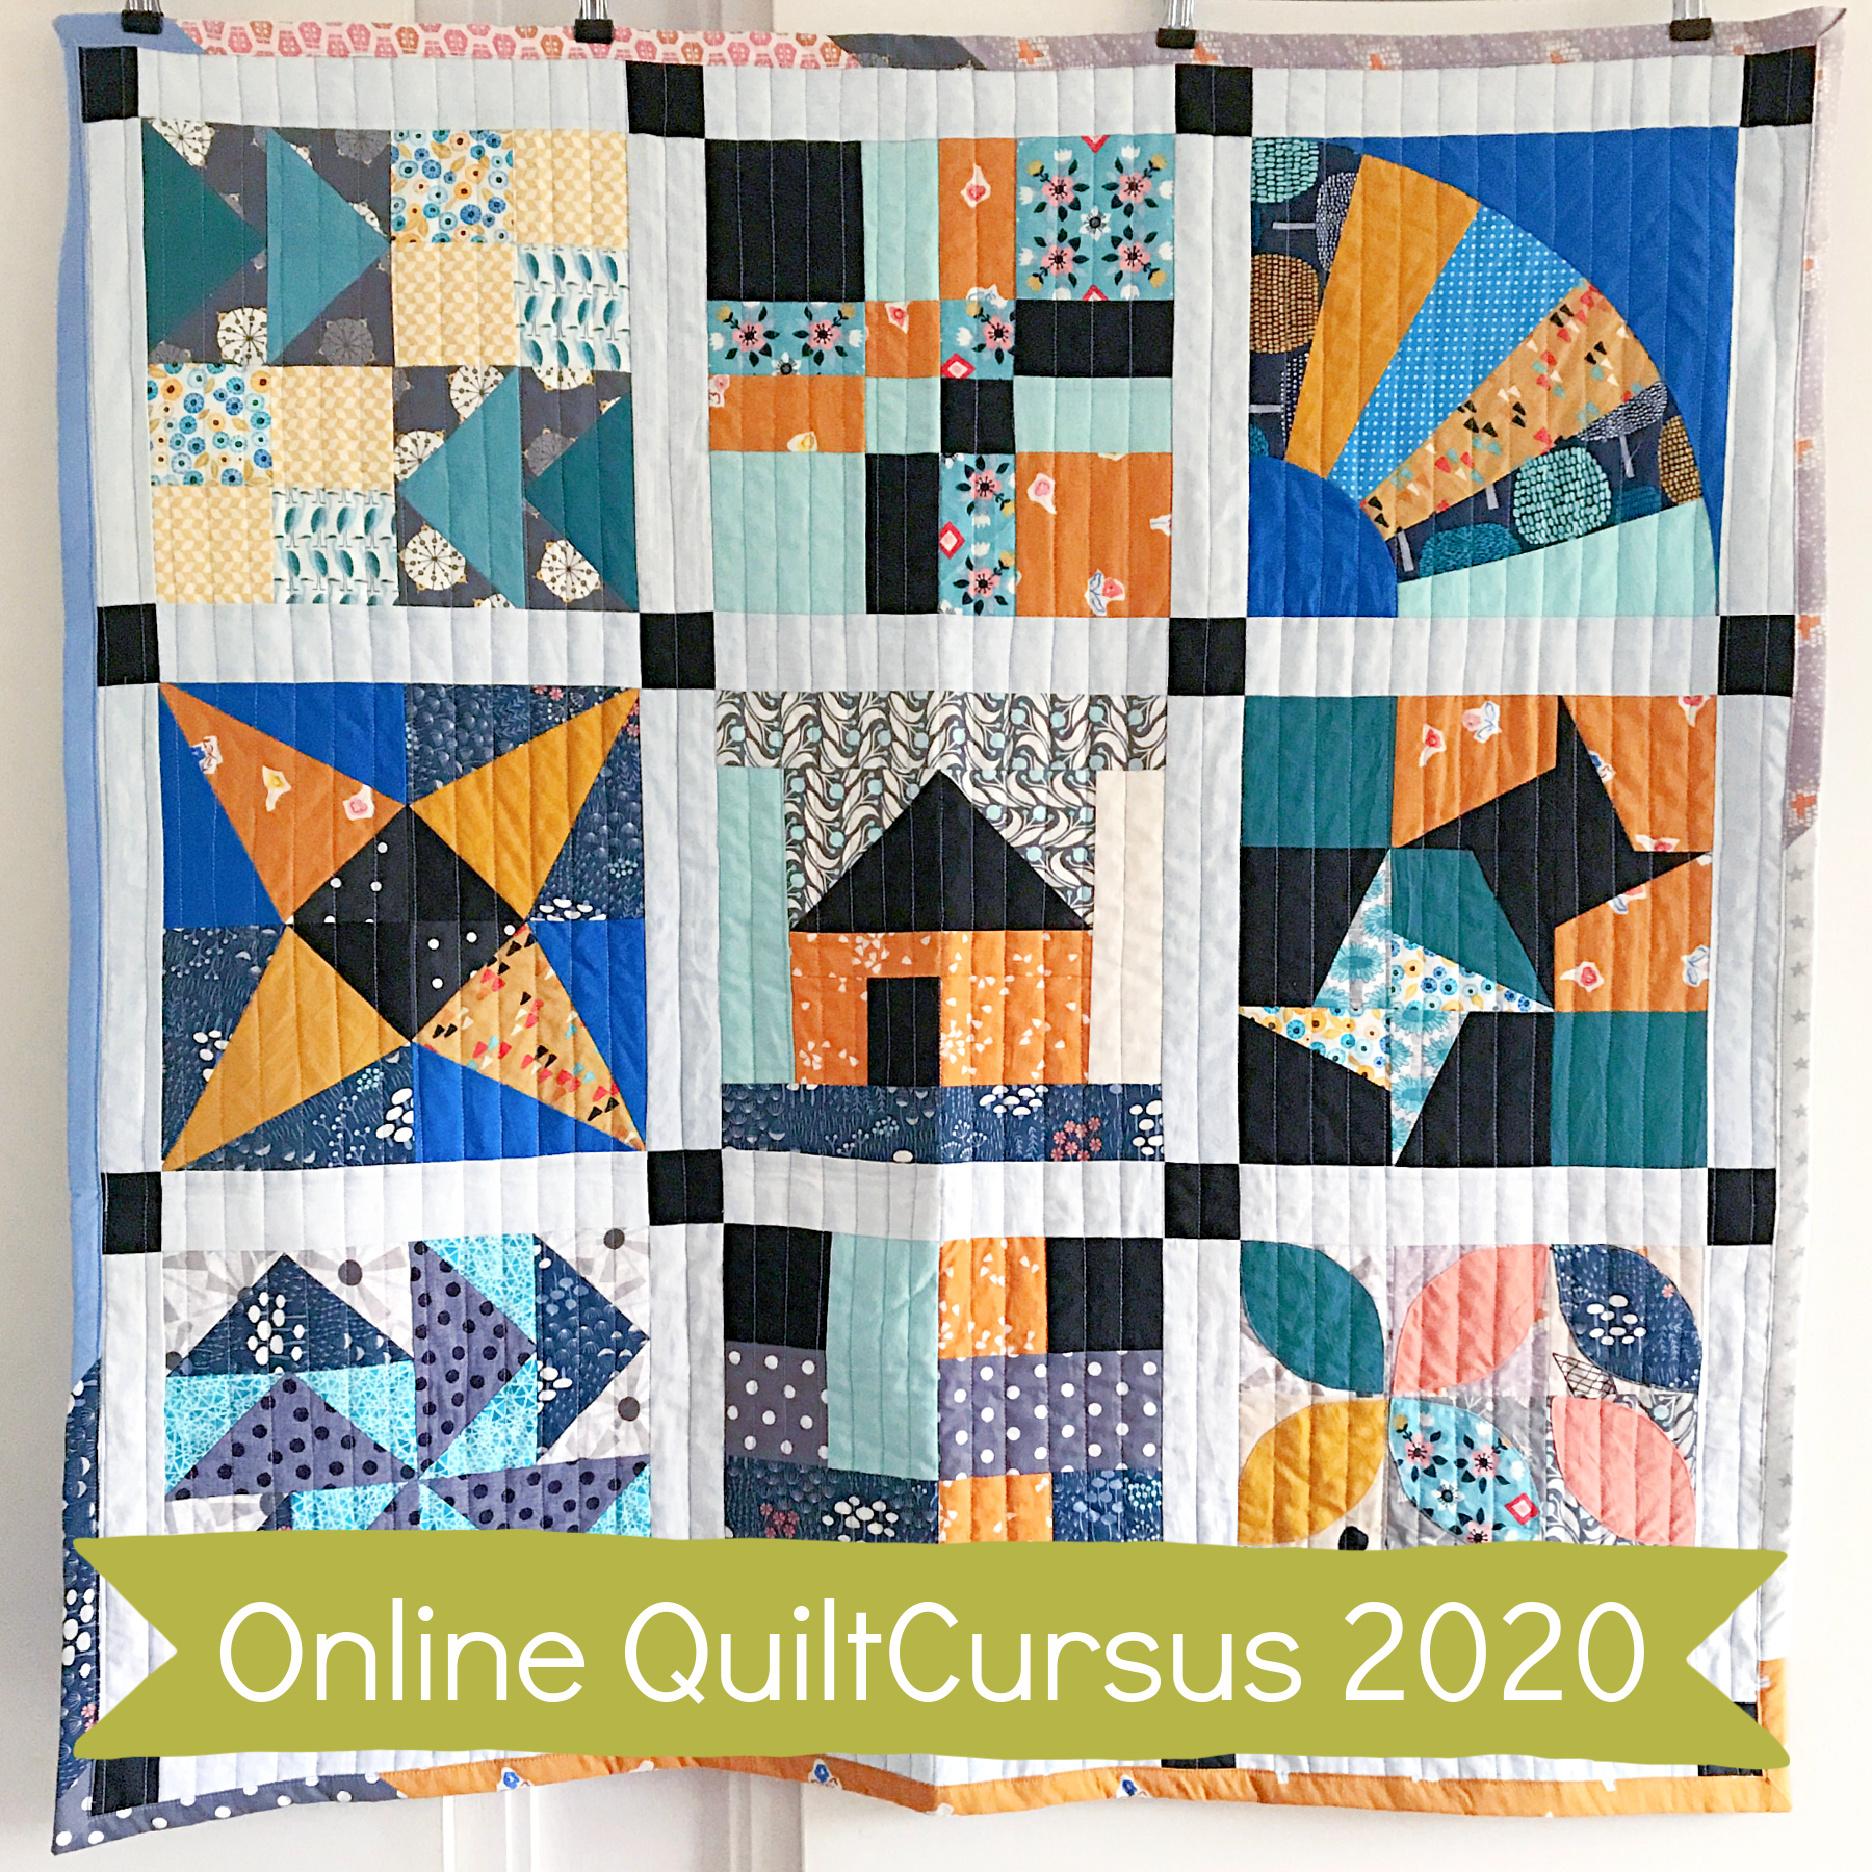 quiltcursus 2020 button nieuw